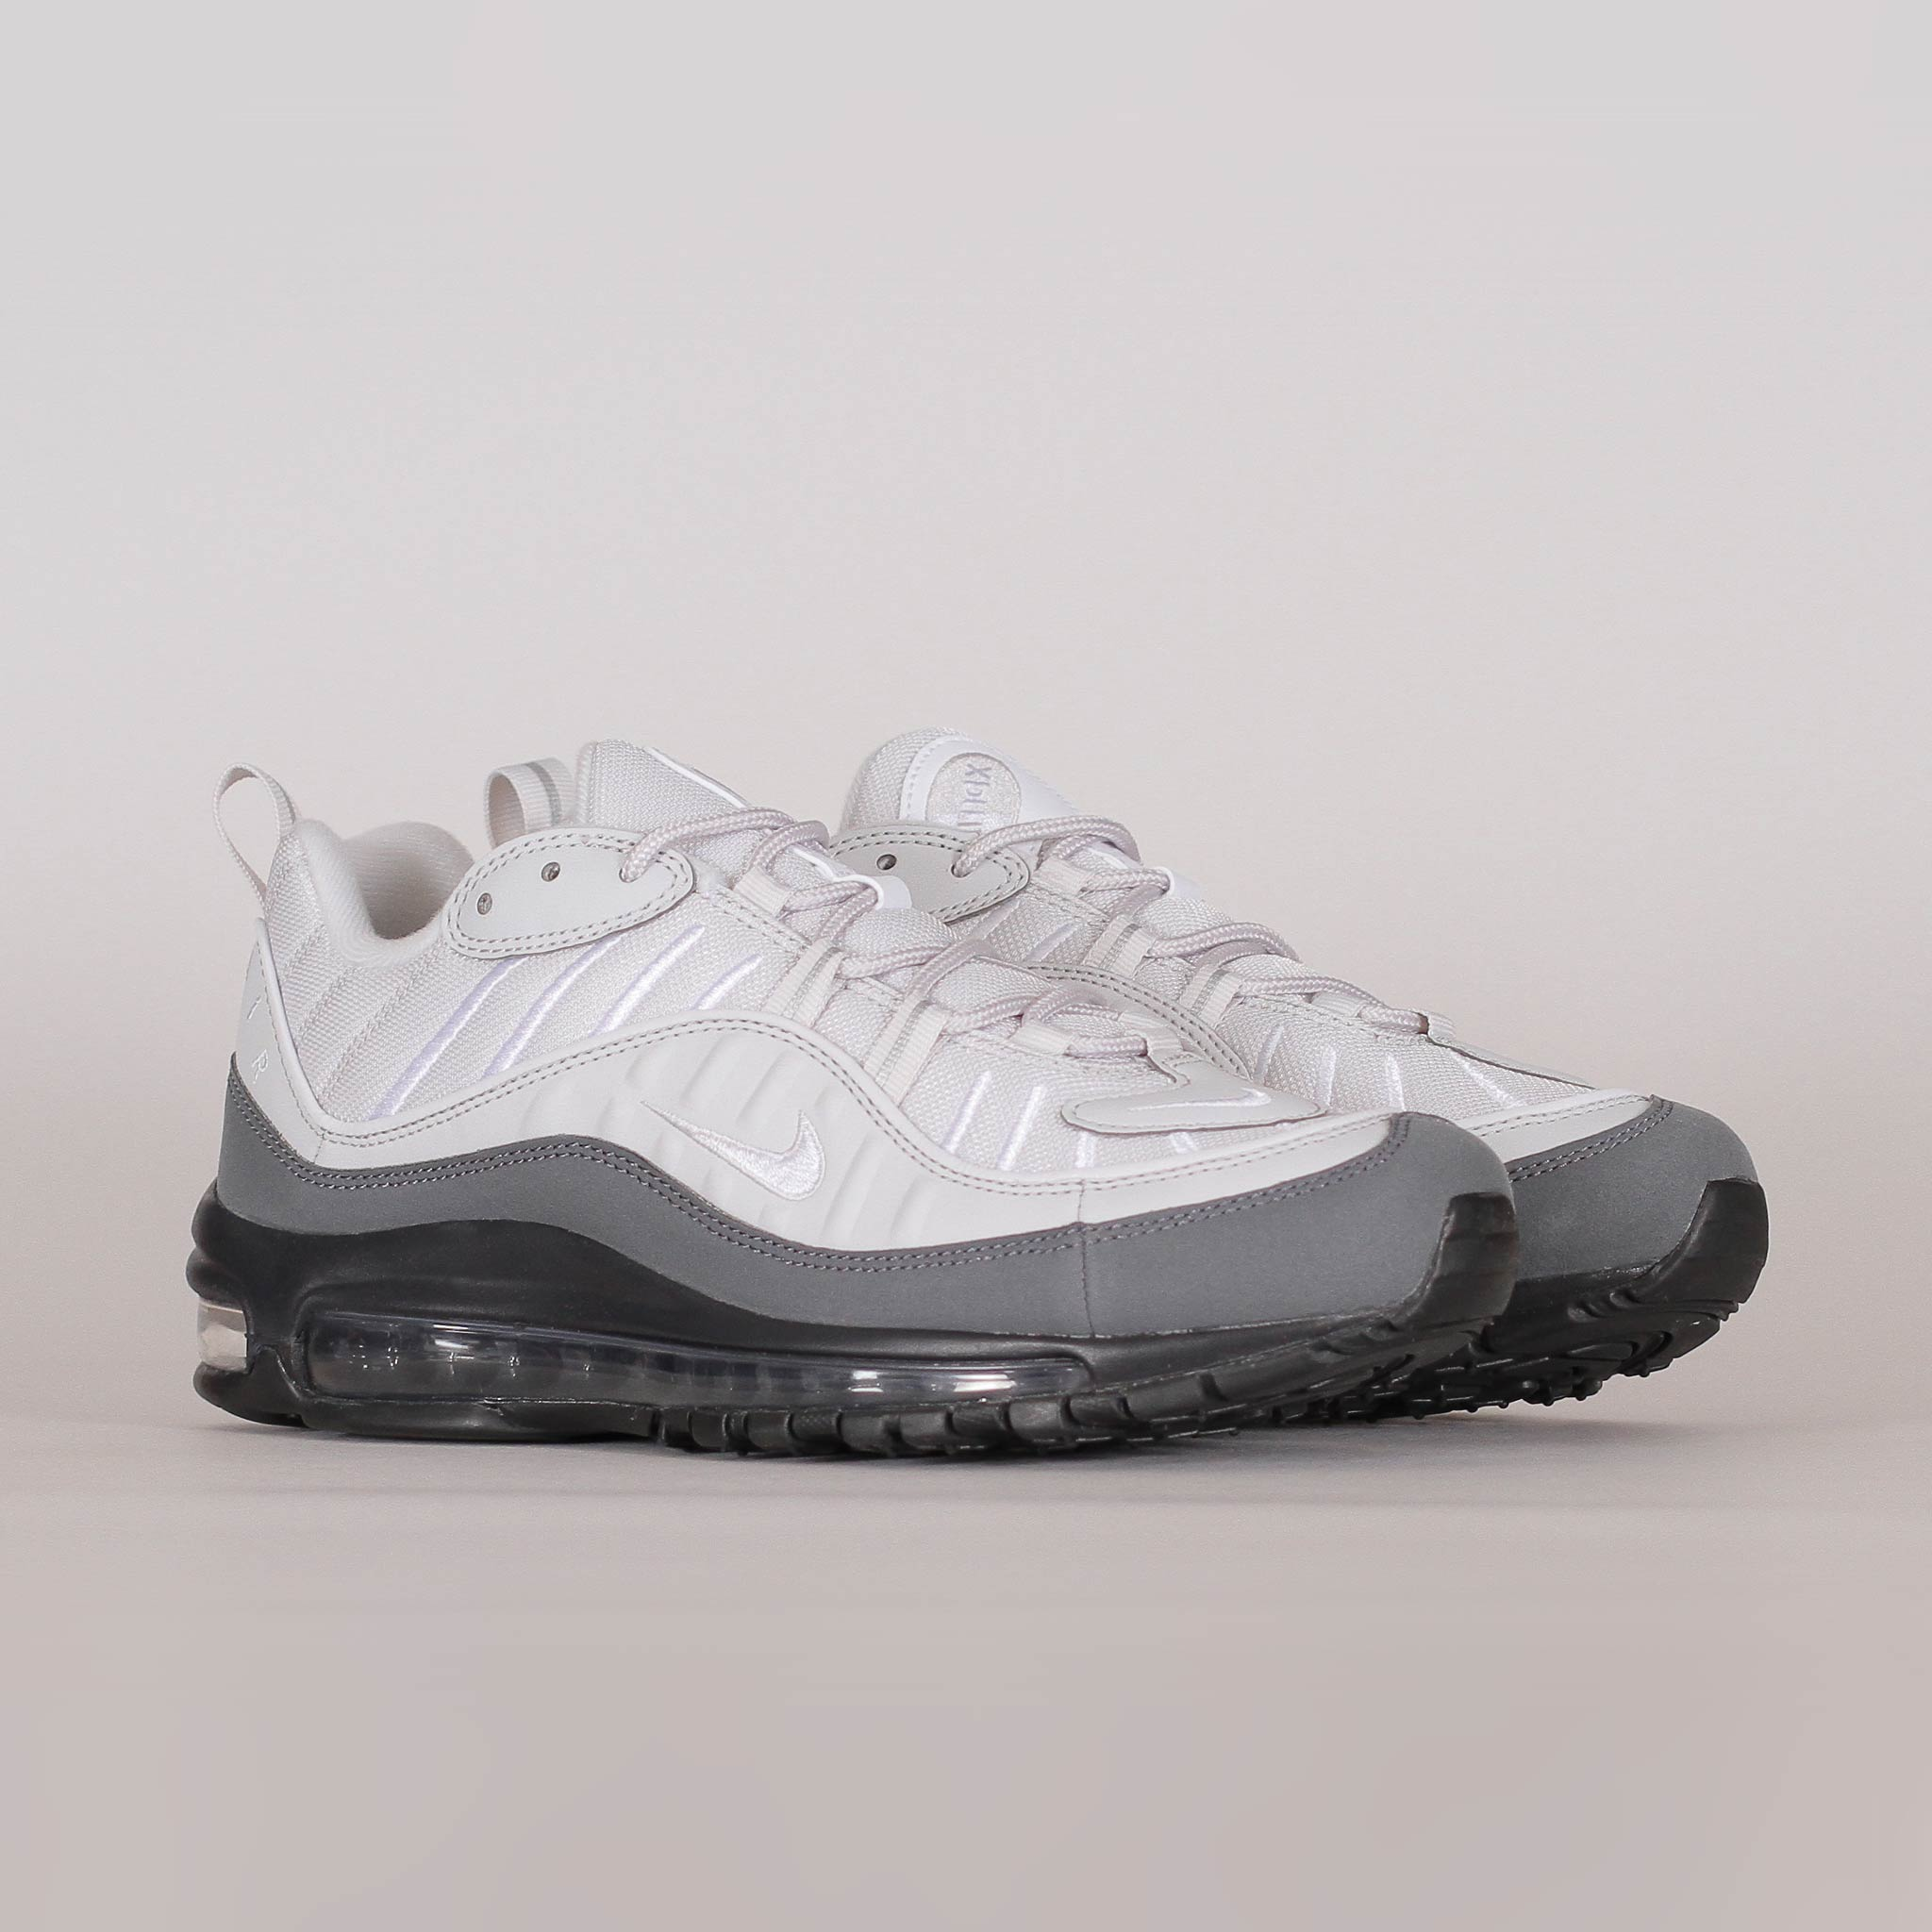 Nike Air Max 98 Premium (Herr)